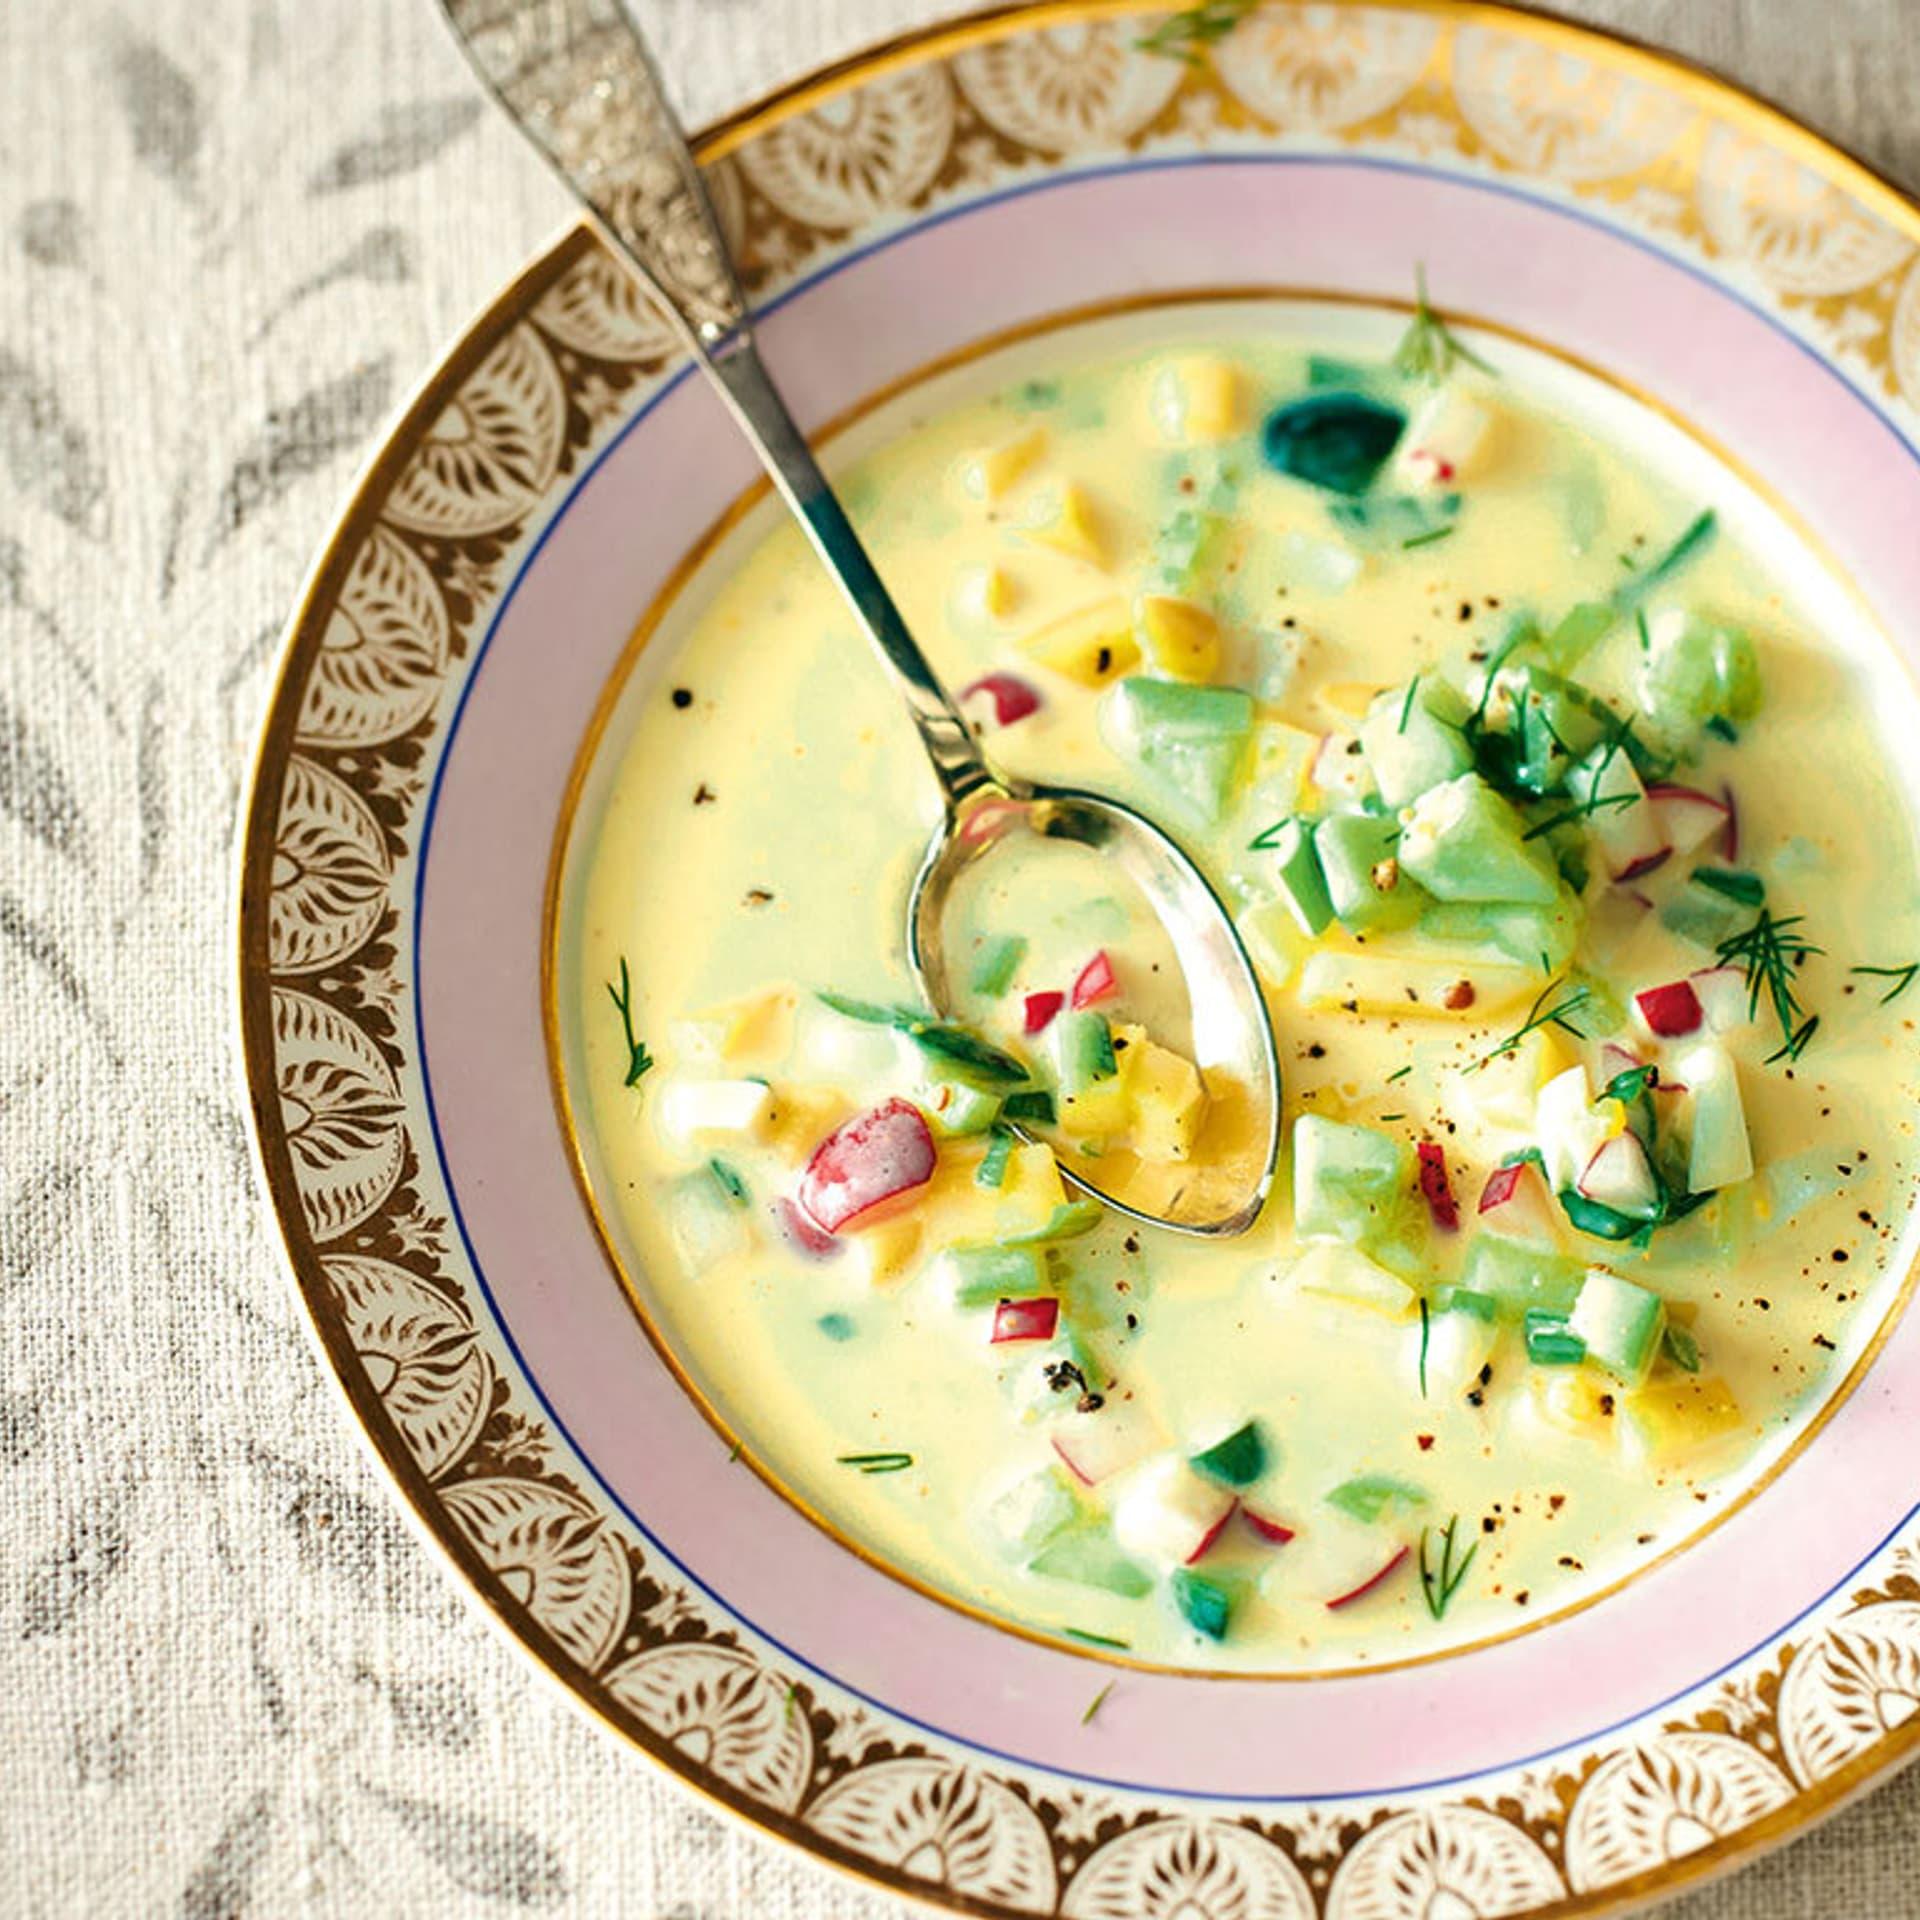 Gelbe Suppe mit bunter Gemüseeinlage